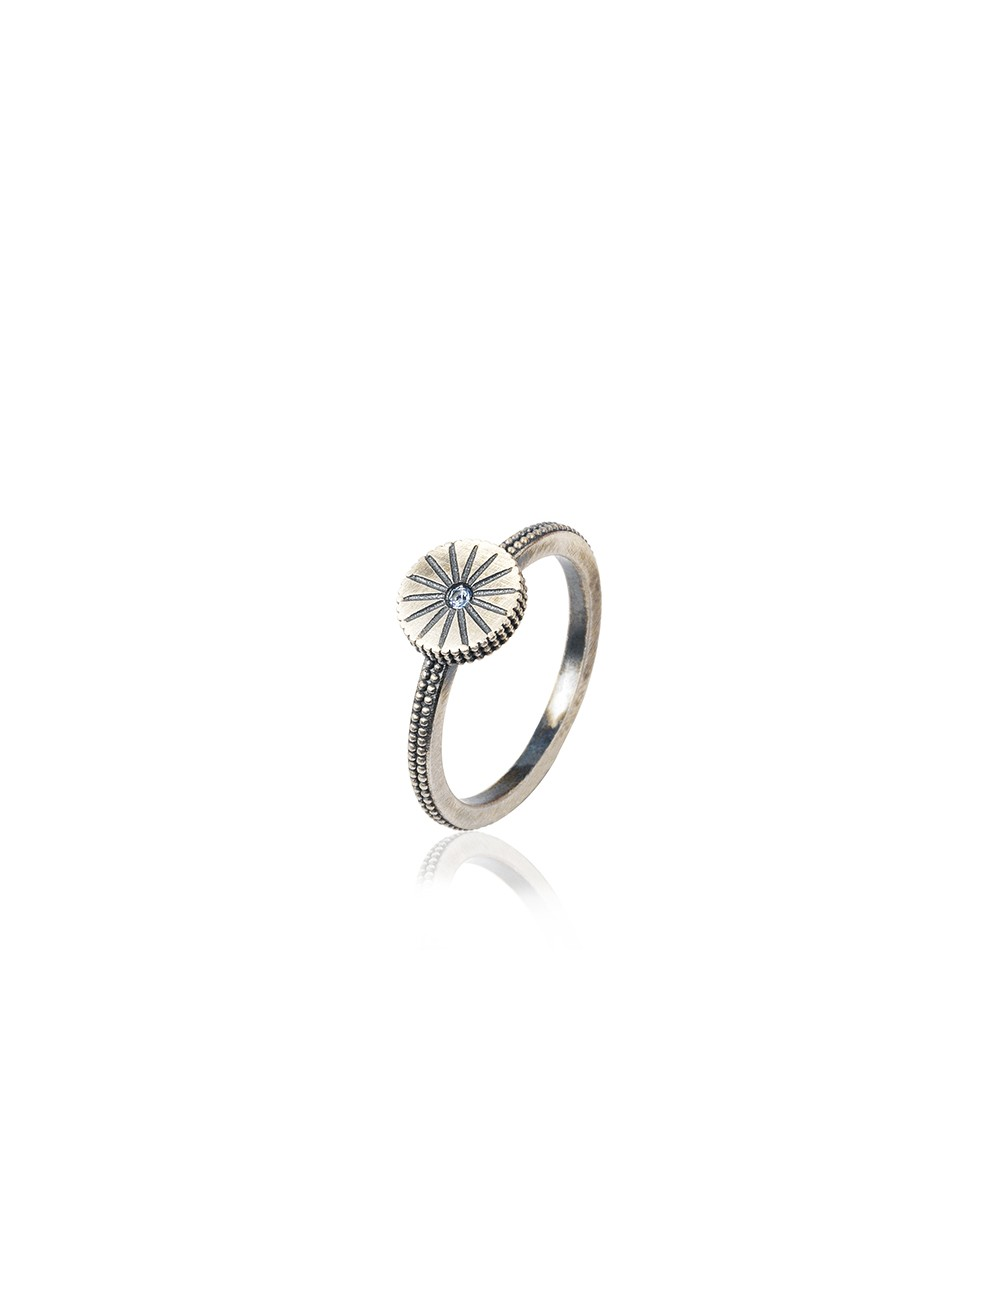 Sunfield -Anillo Sunfield plata y circonita -AN062332/17